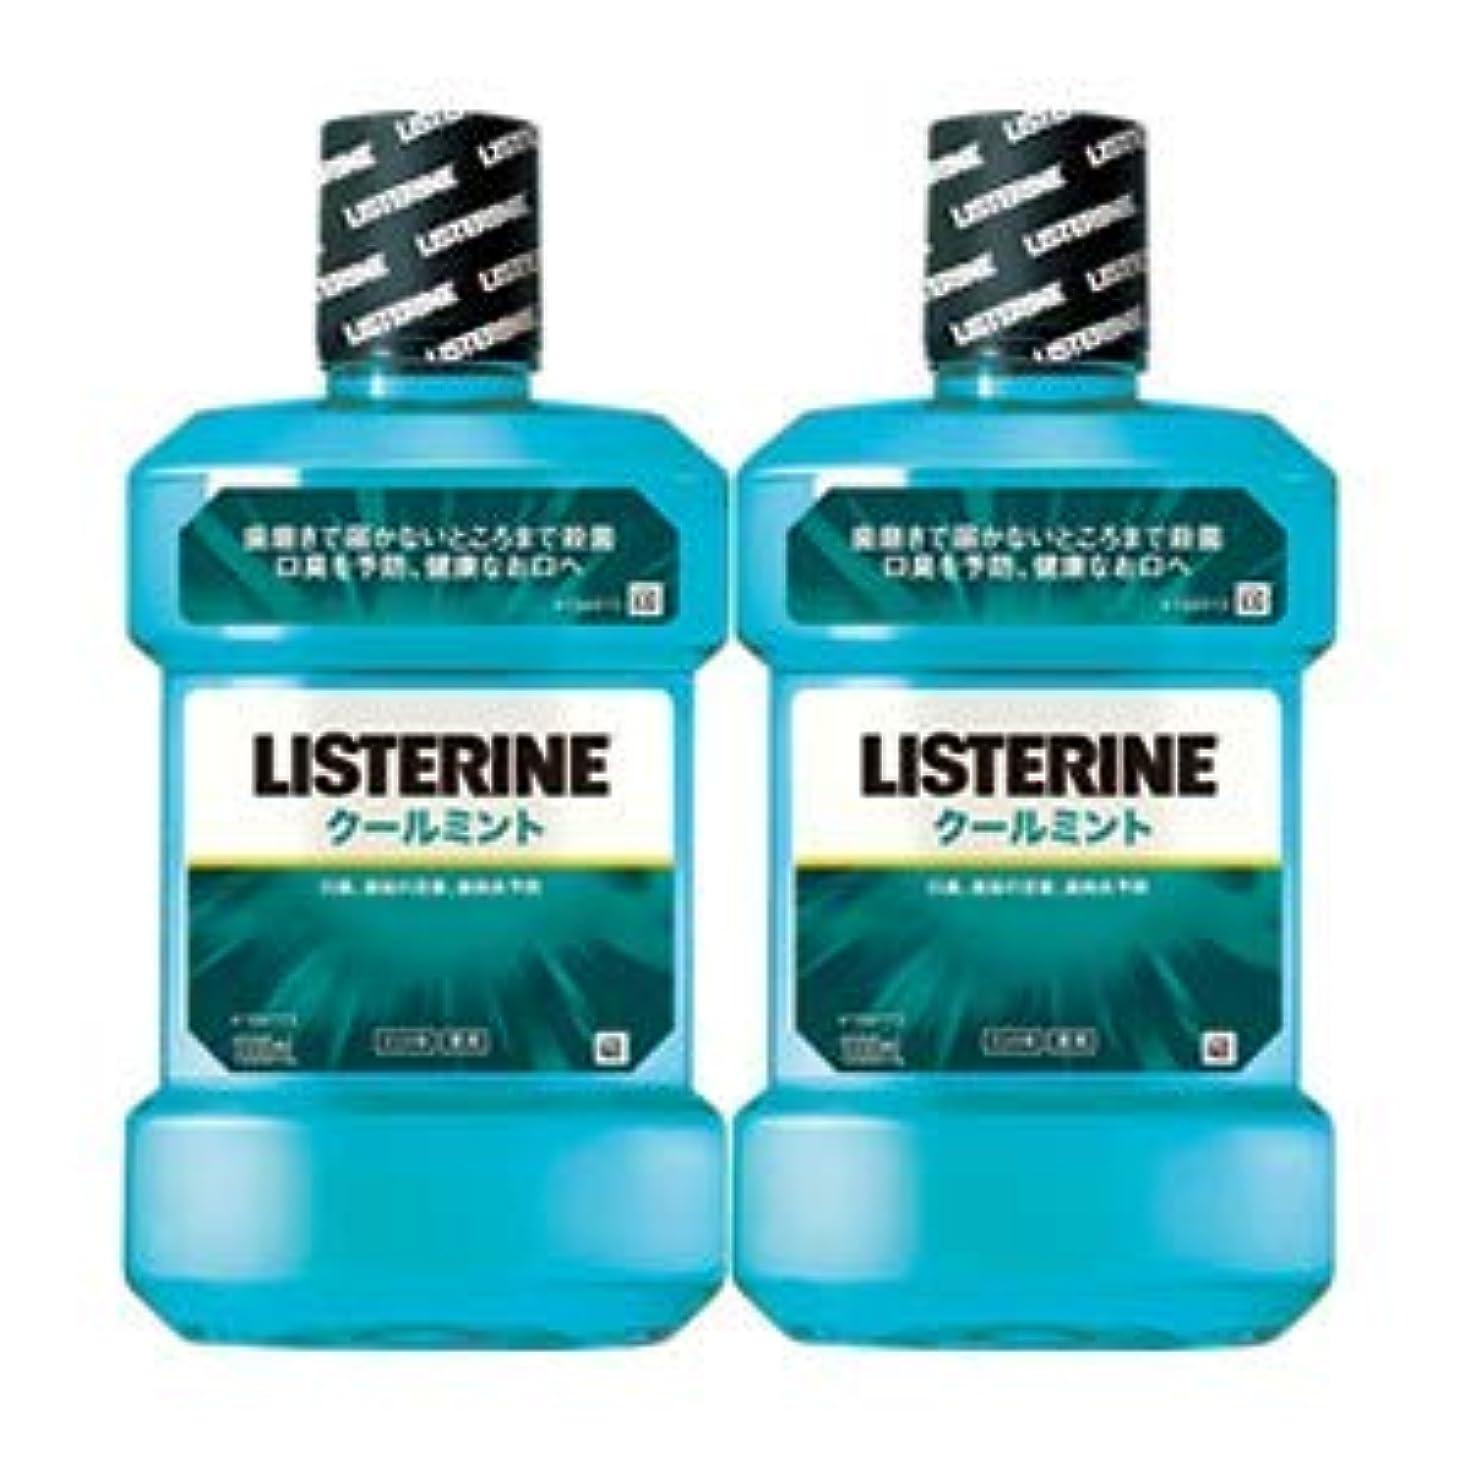 ランドマーク第繁栄する薬用リステリン クールミント (マウスウォッシュ/洗口液) 1000mL×2本セット